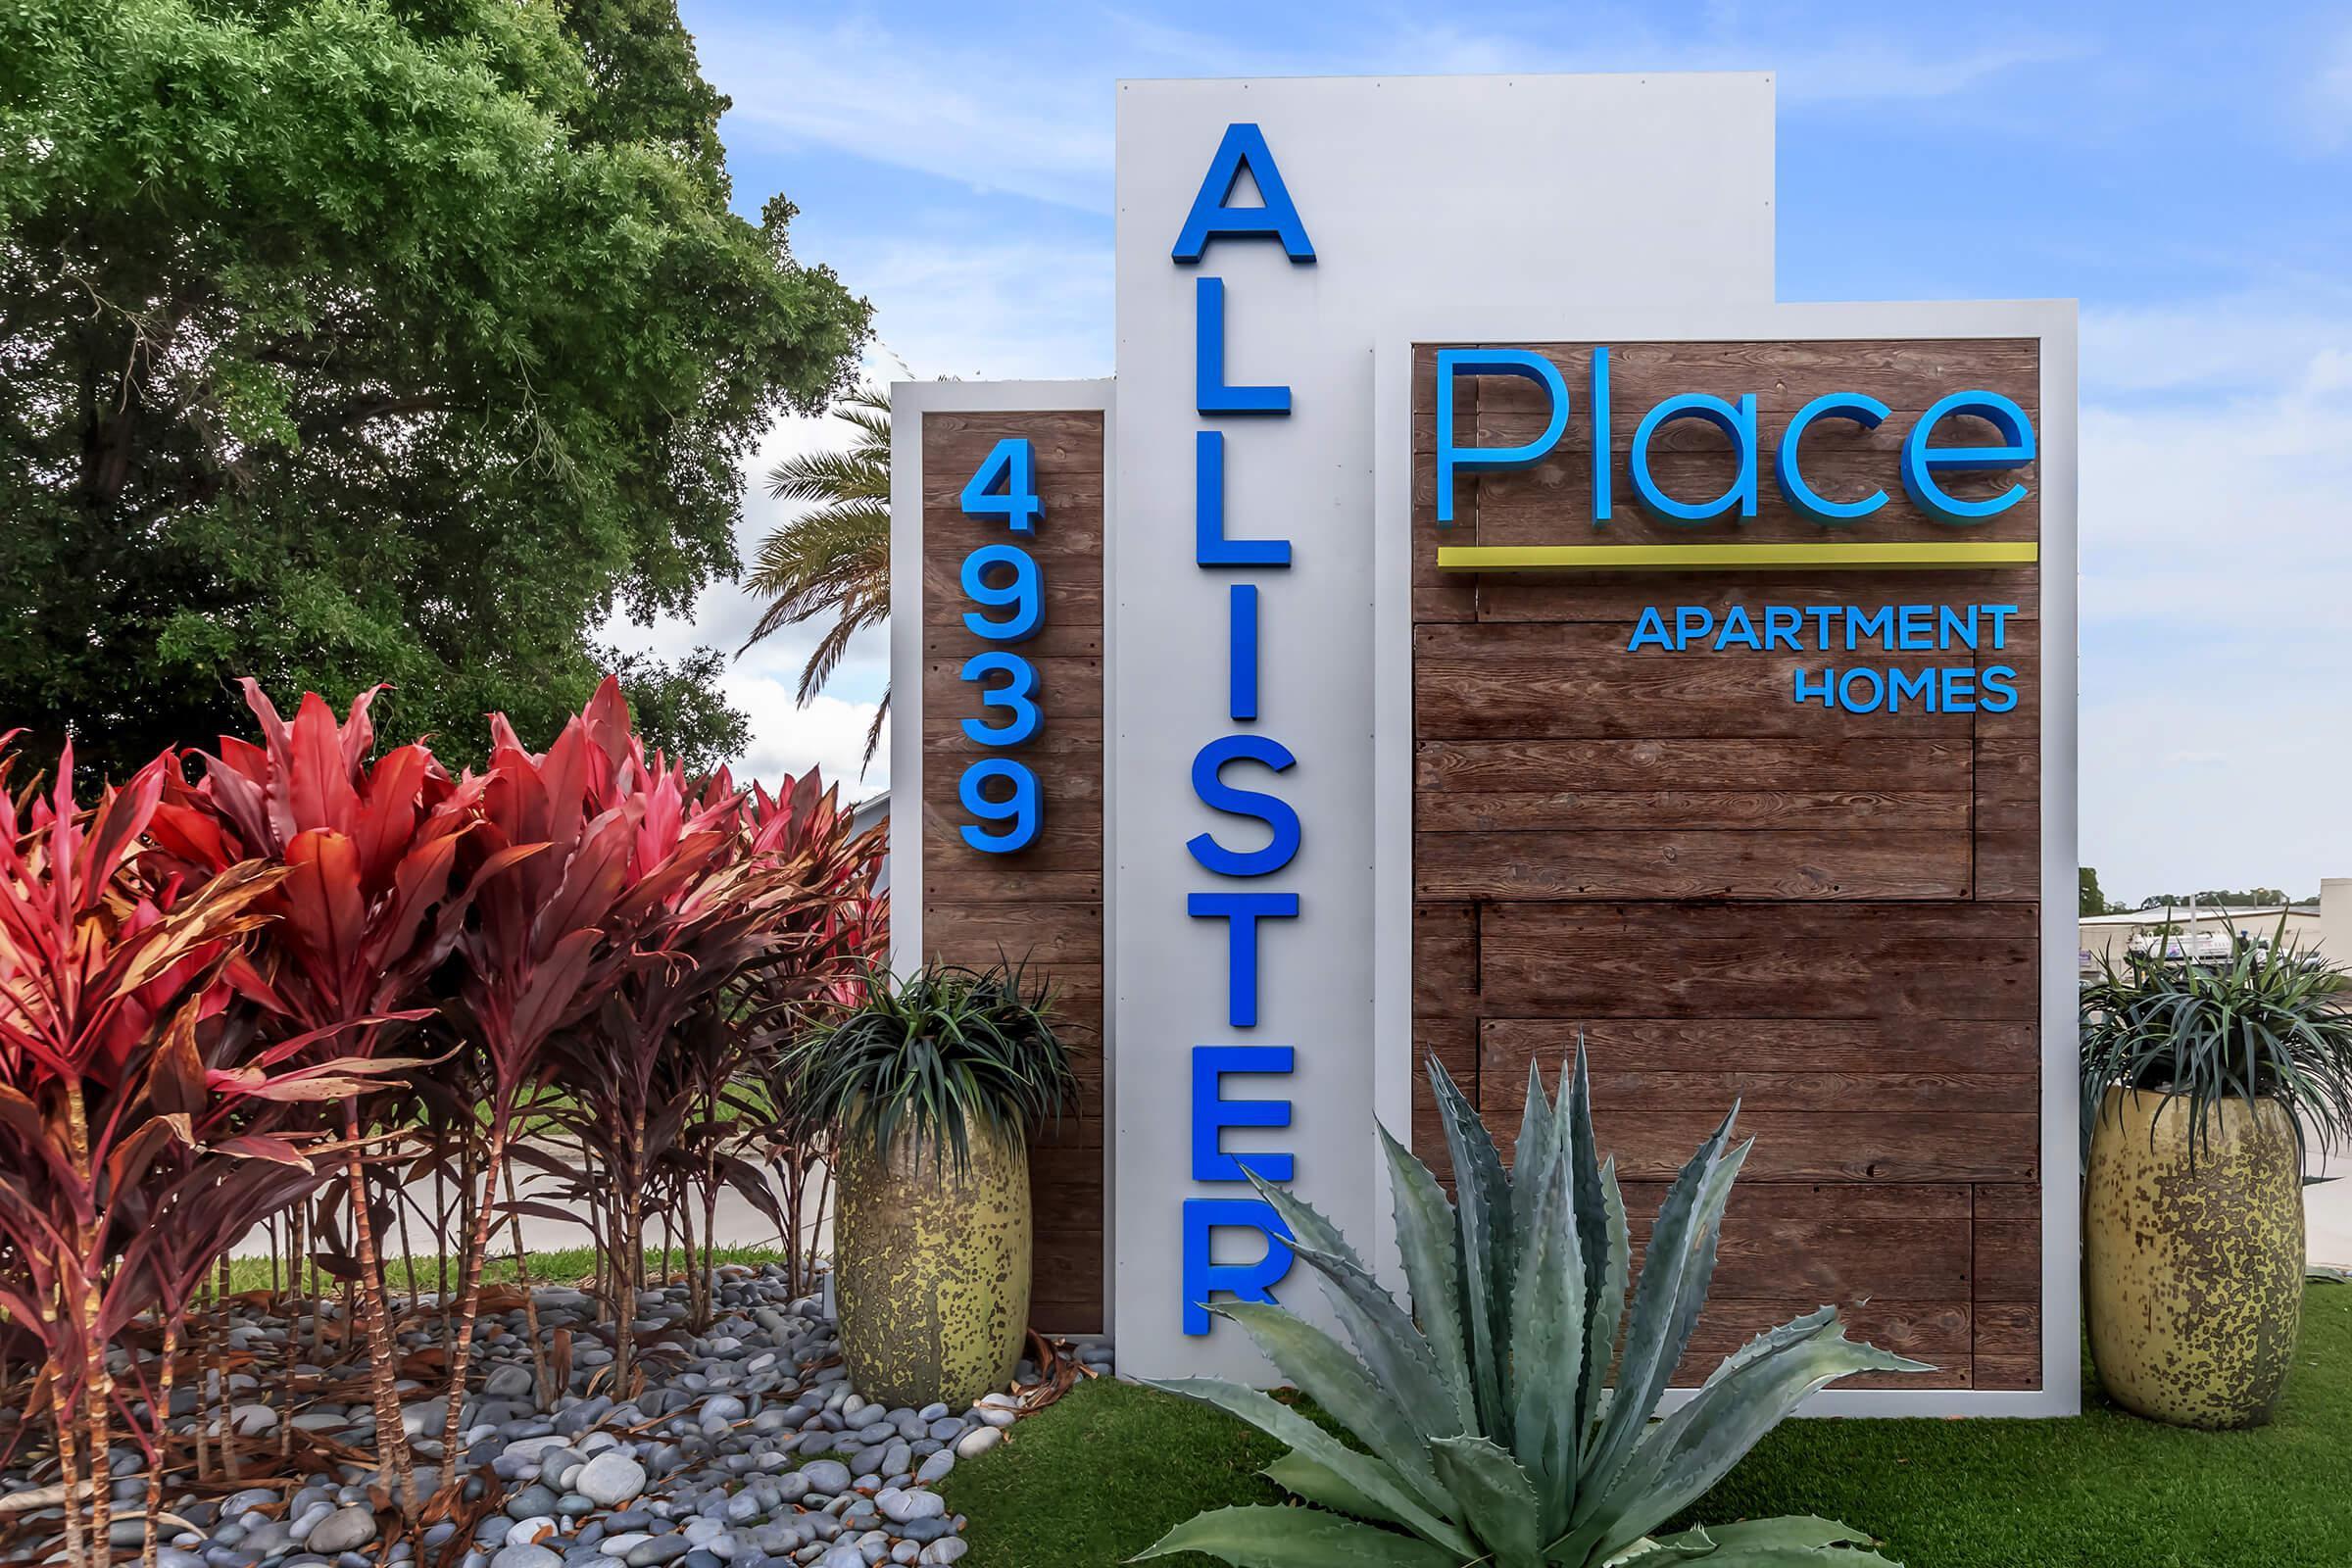 Allister Place